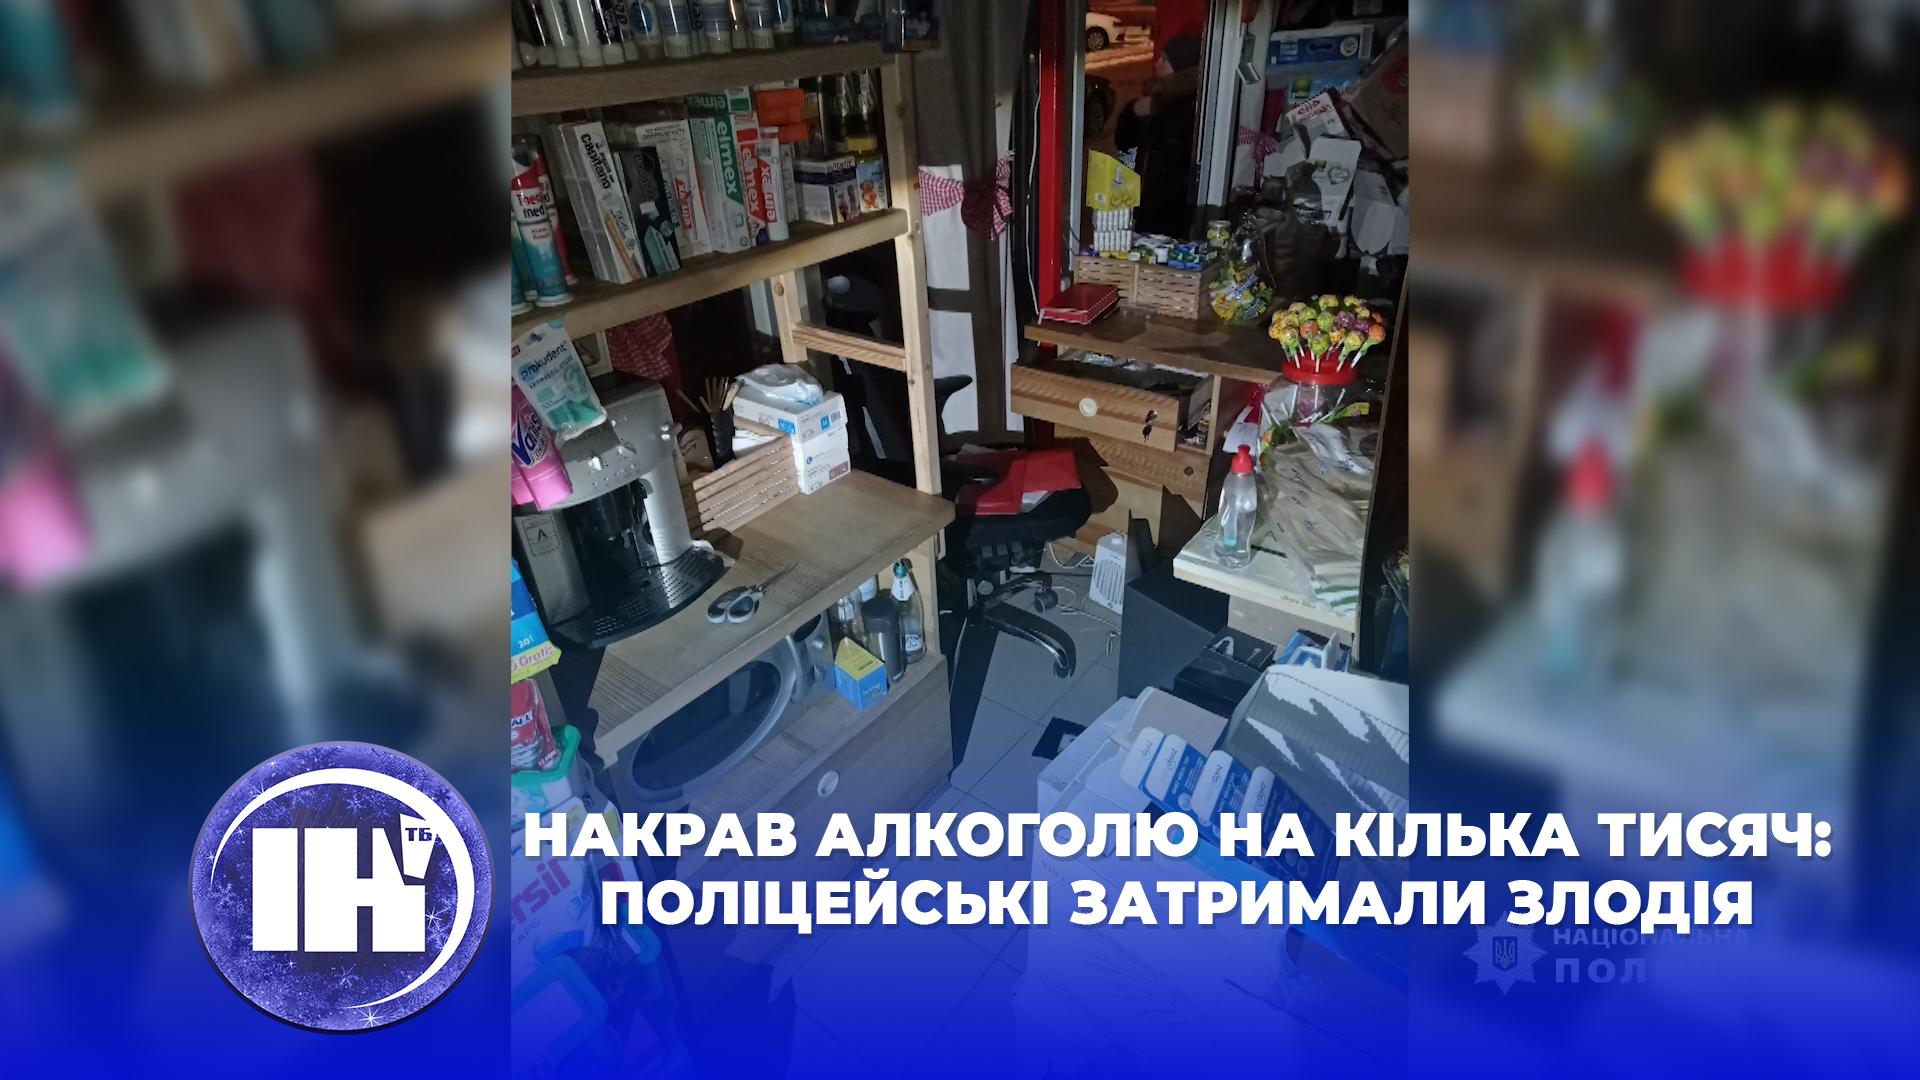 Накрав алкоголю на кілька тисяч: поліцейські затримали злодія